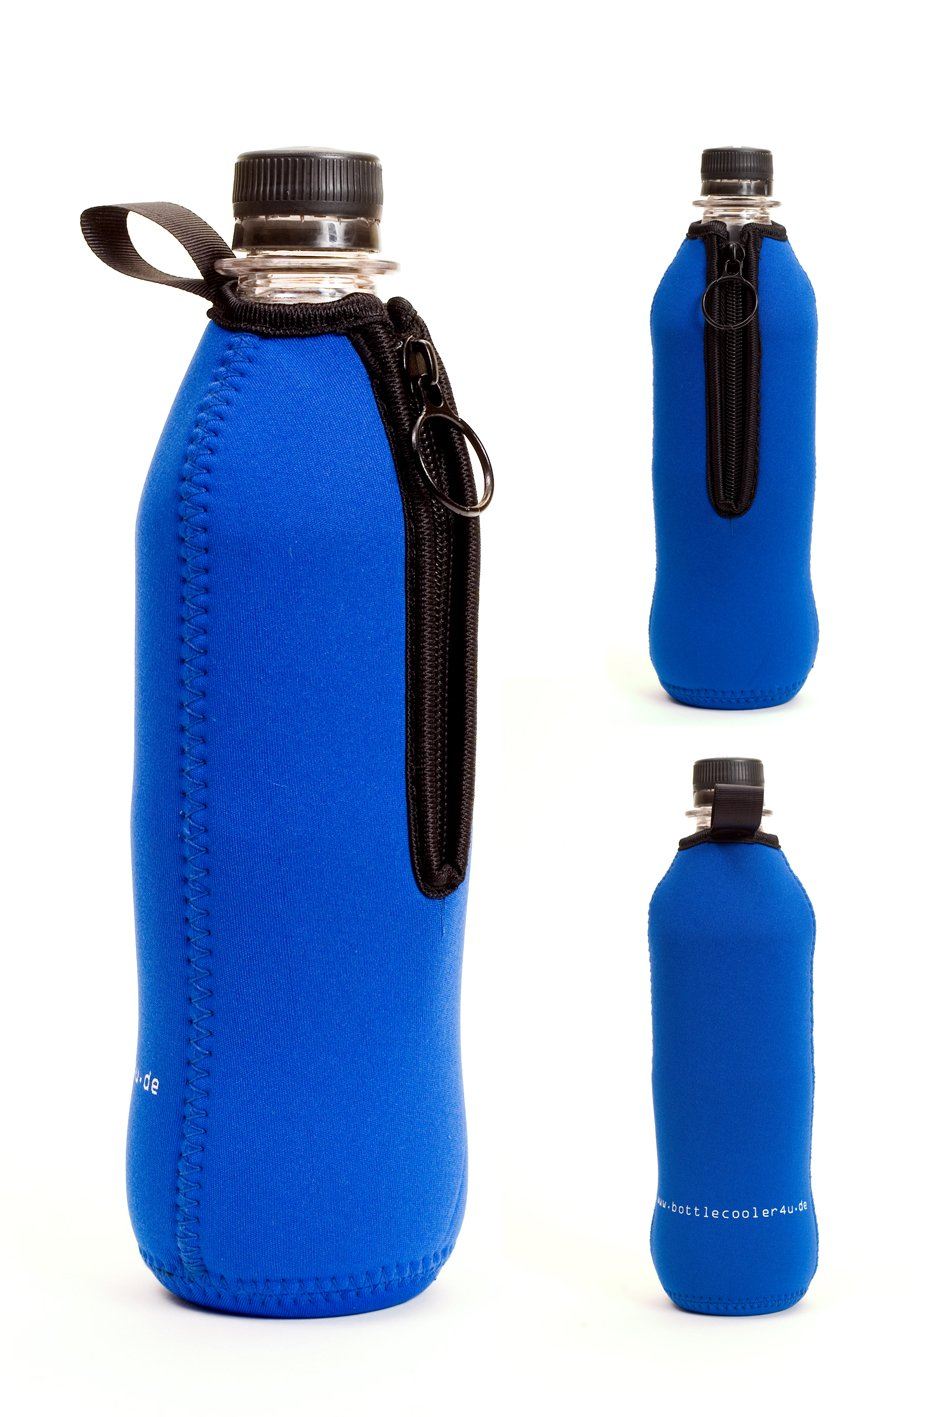 bottlecooler4u Flaschenkühler Neopren 0, 5 Liter 5 Liter (Blau) Brand of Europe gmbH